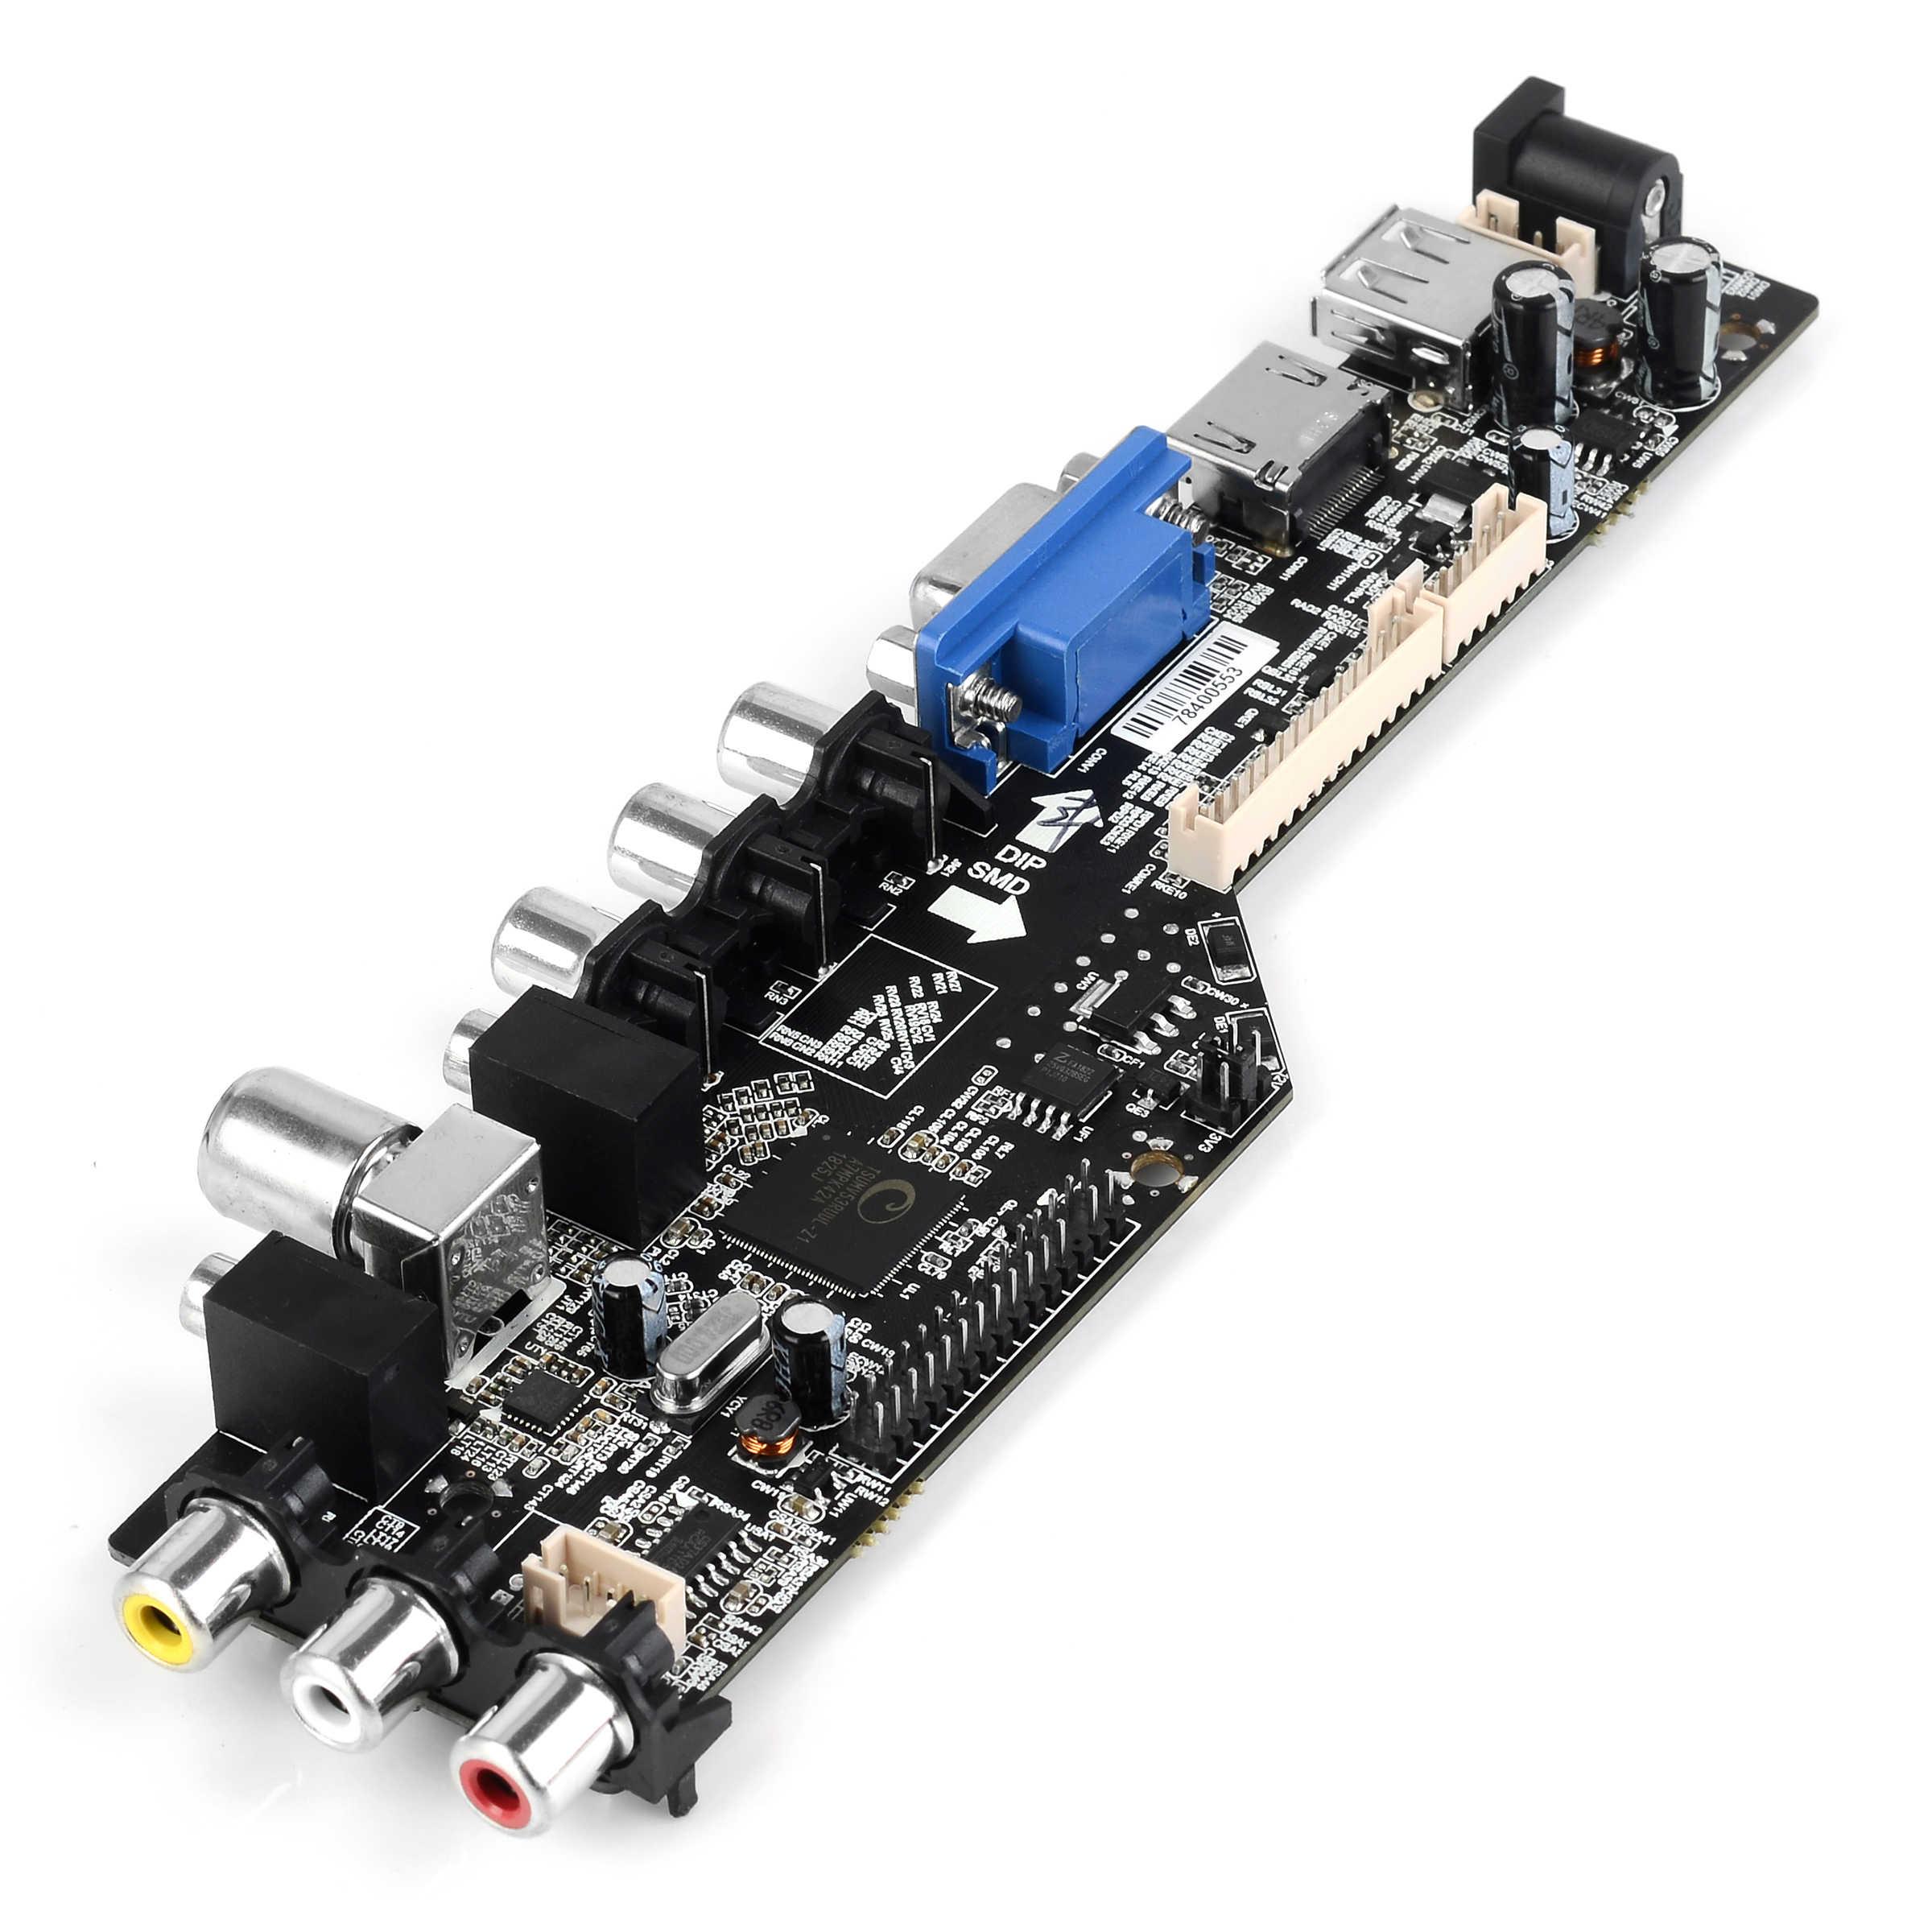 DD3663LUA. A82 15-32 بوصة الرقمية dvb-t/C/T2 العالمي التلفزيون lcd لوحة تحكم التلفزيون/VGA/AV/HDMI/USB ل lvds 1/2ch 6/8 بت lvdsquel